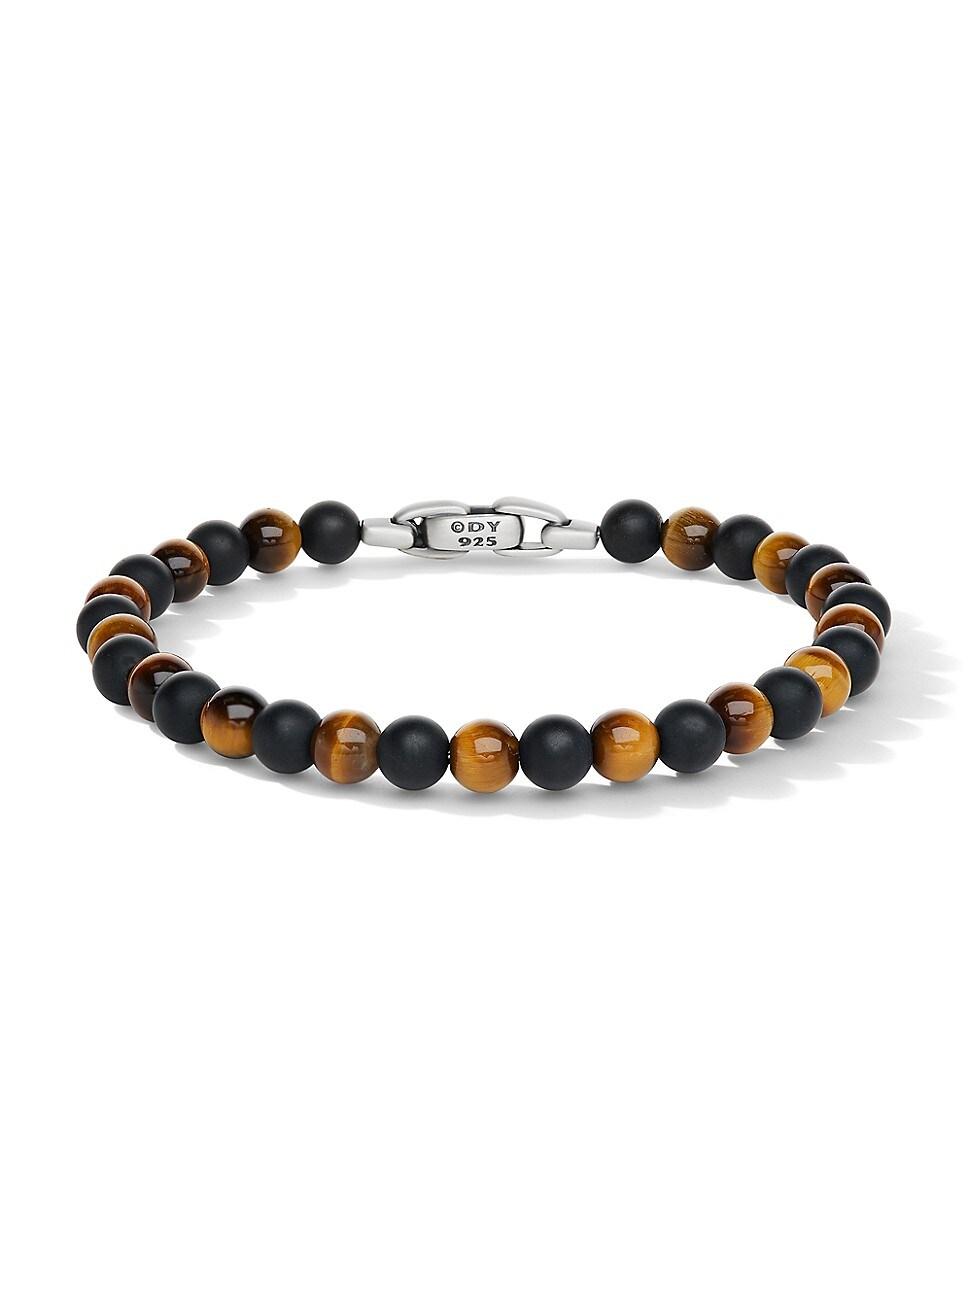 David Yurman Spiritual Beads Sterling Silver, Onyx & Tiger's Eye Bracelet